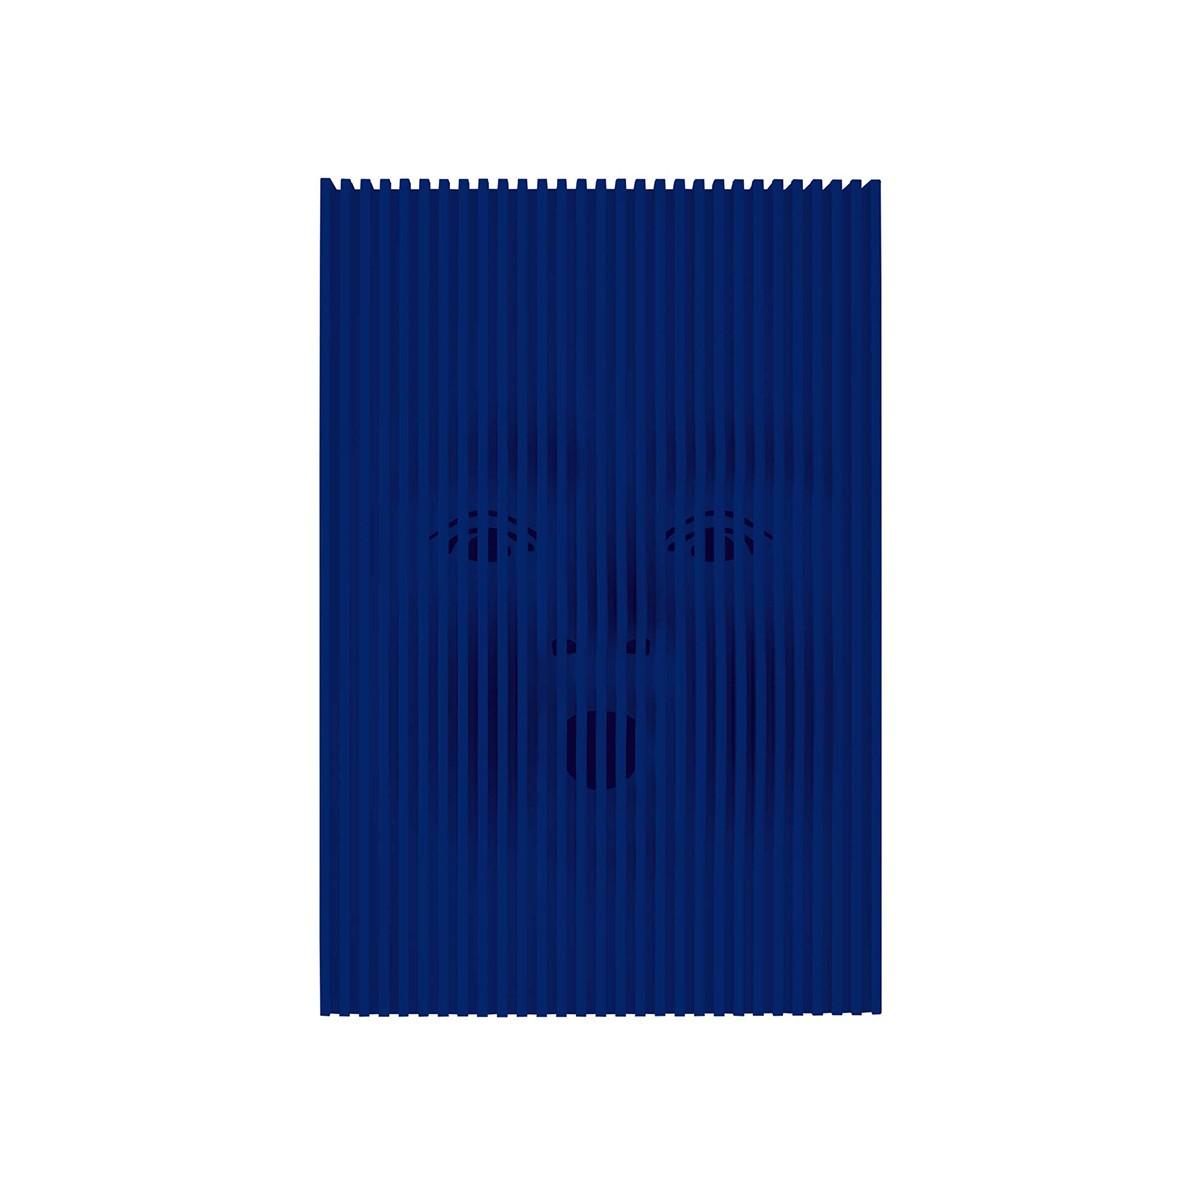 Rotaliana Eolo Tischleuchte, blau